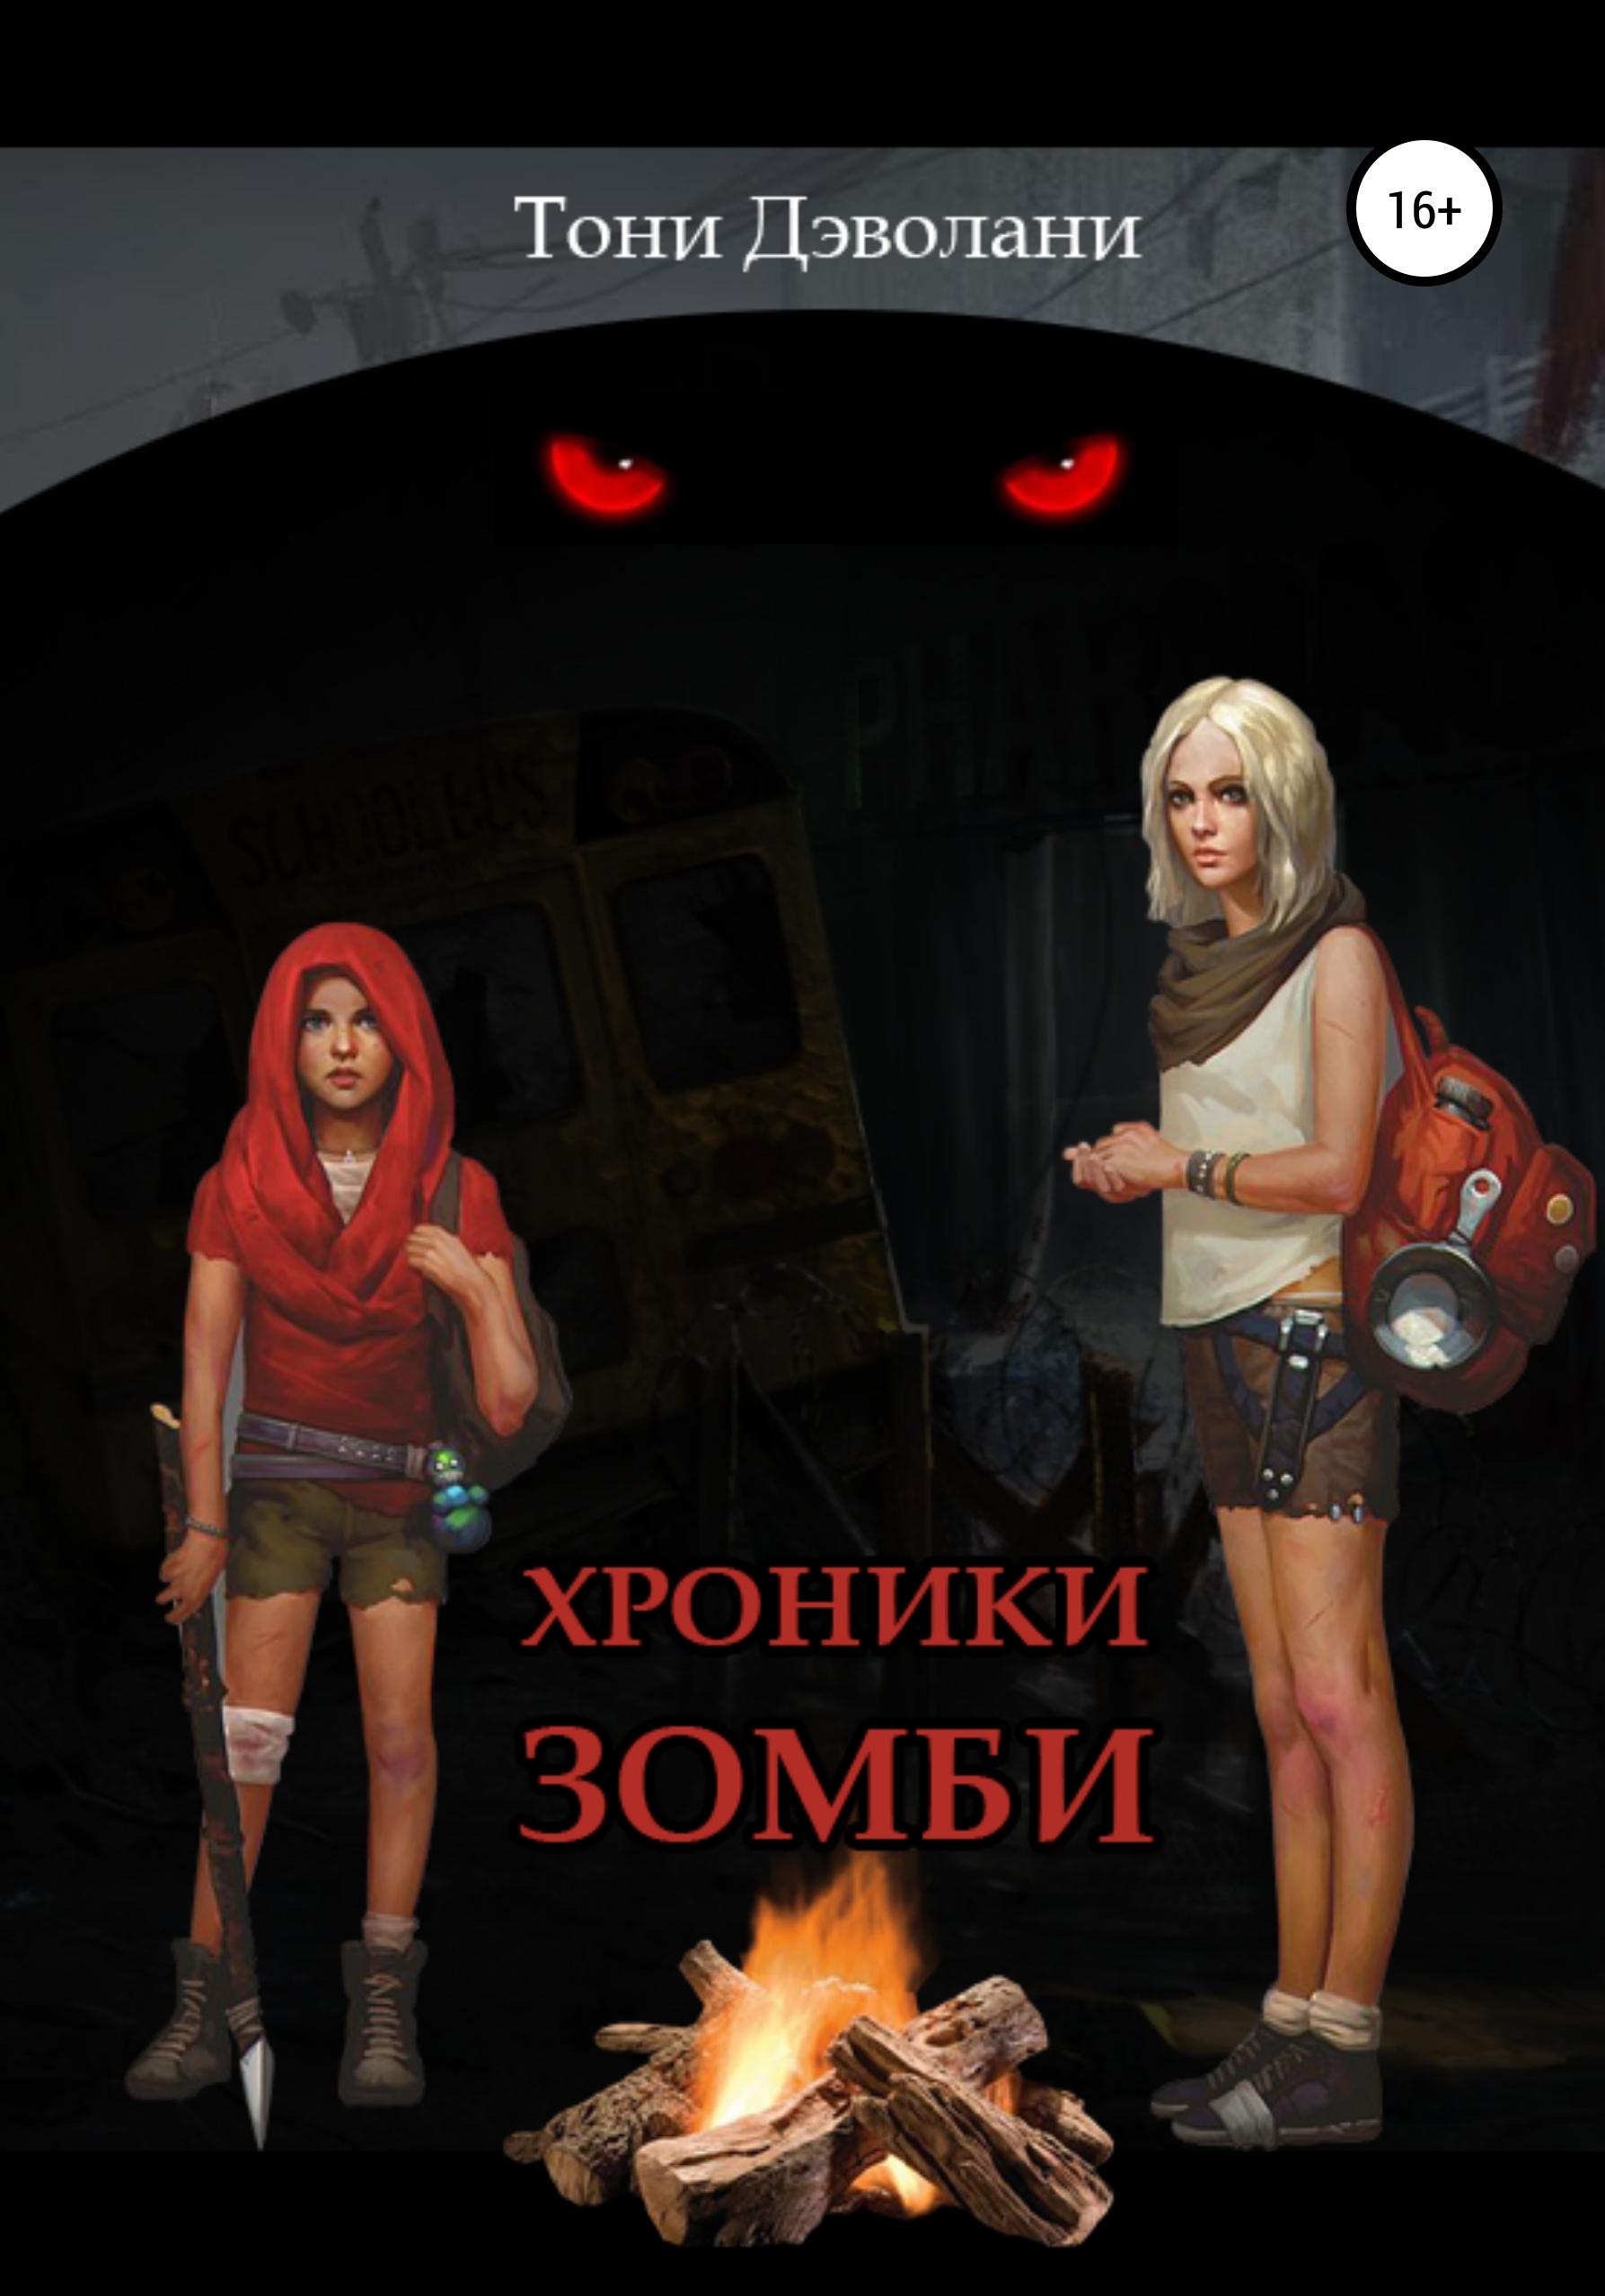 Хроники зомби